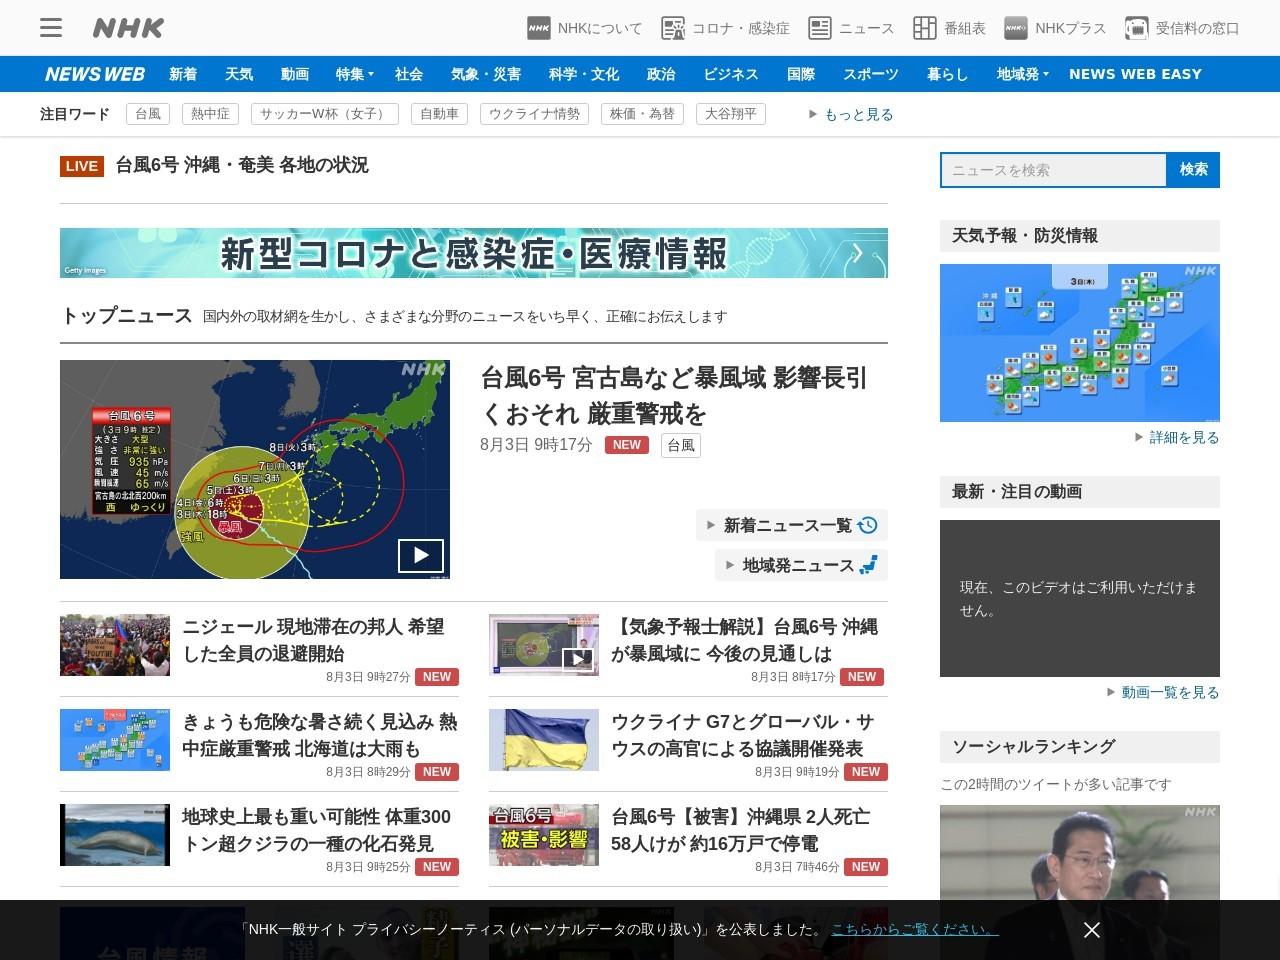 http://www3.nhk.or.jp/news/html/20130312/k10013131651000.html